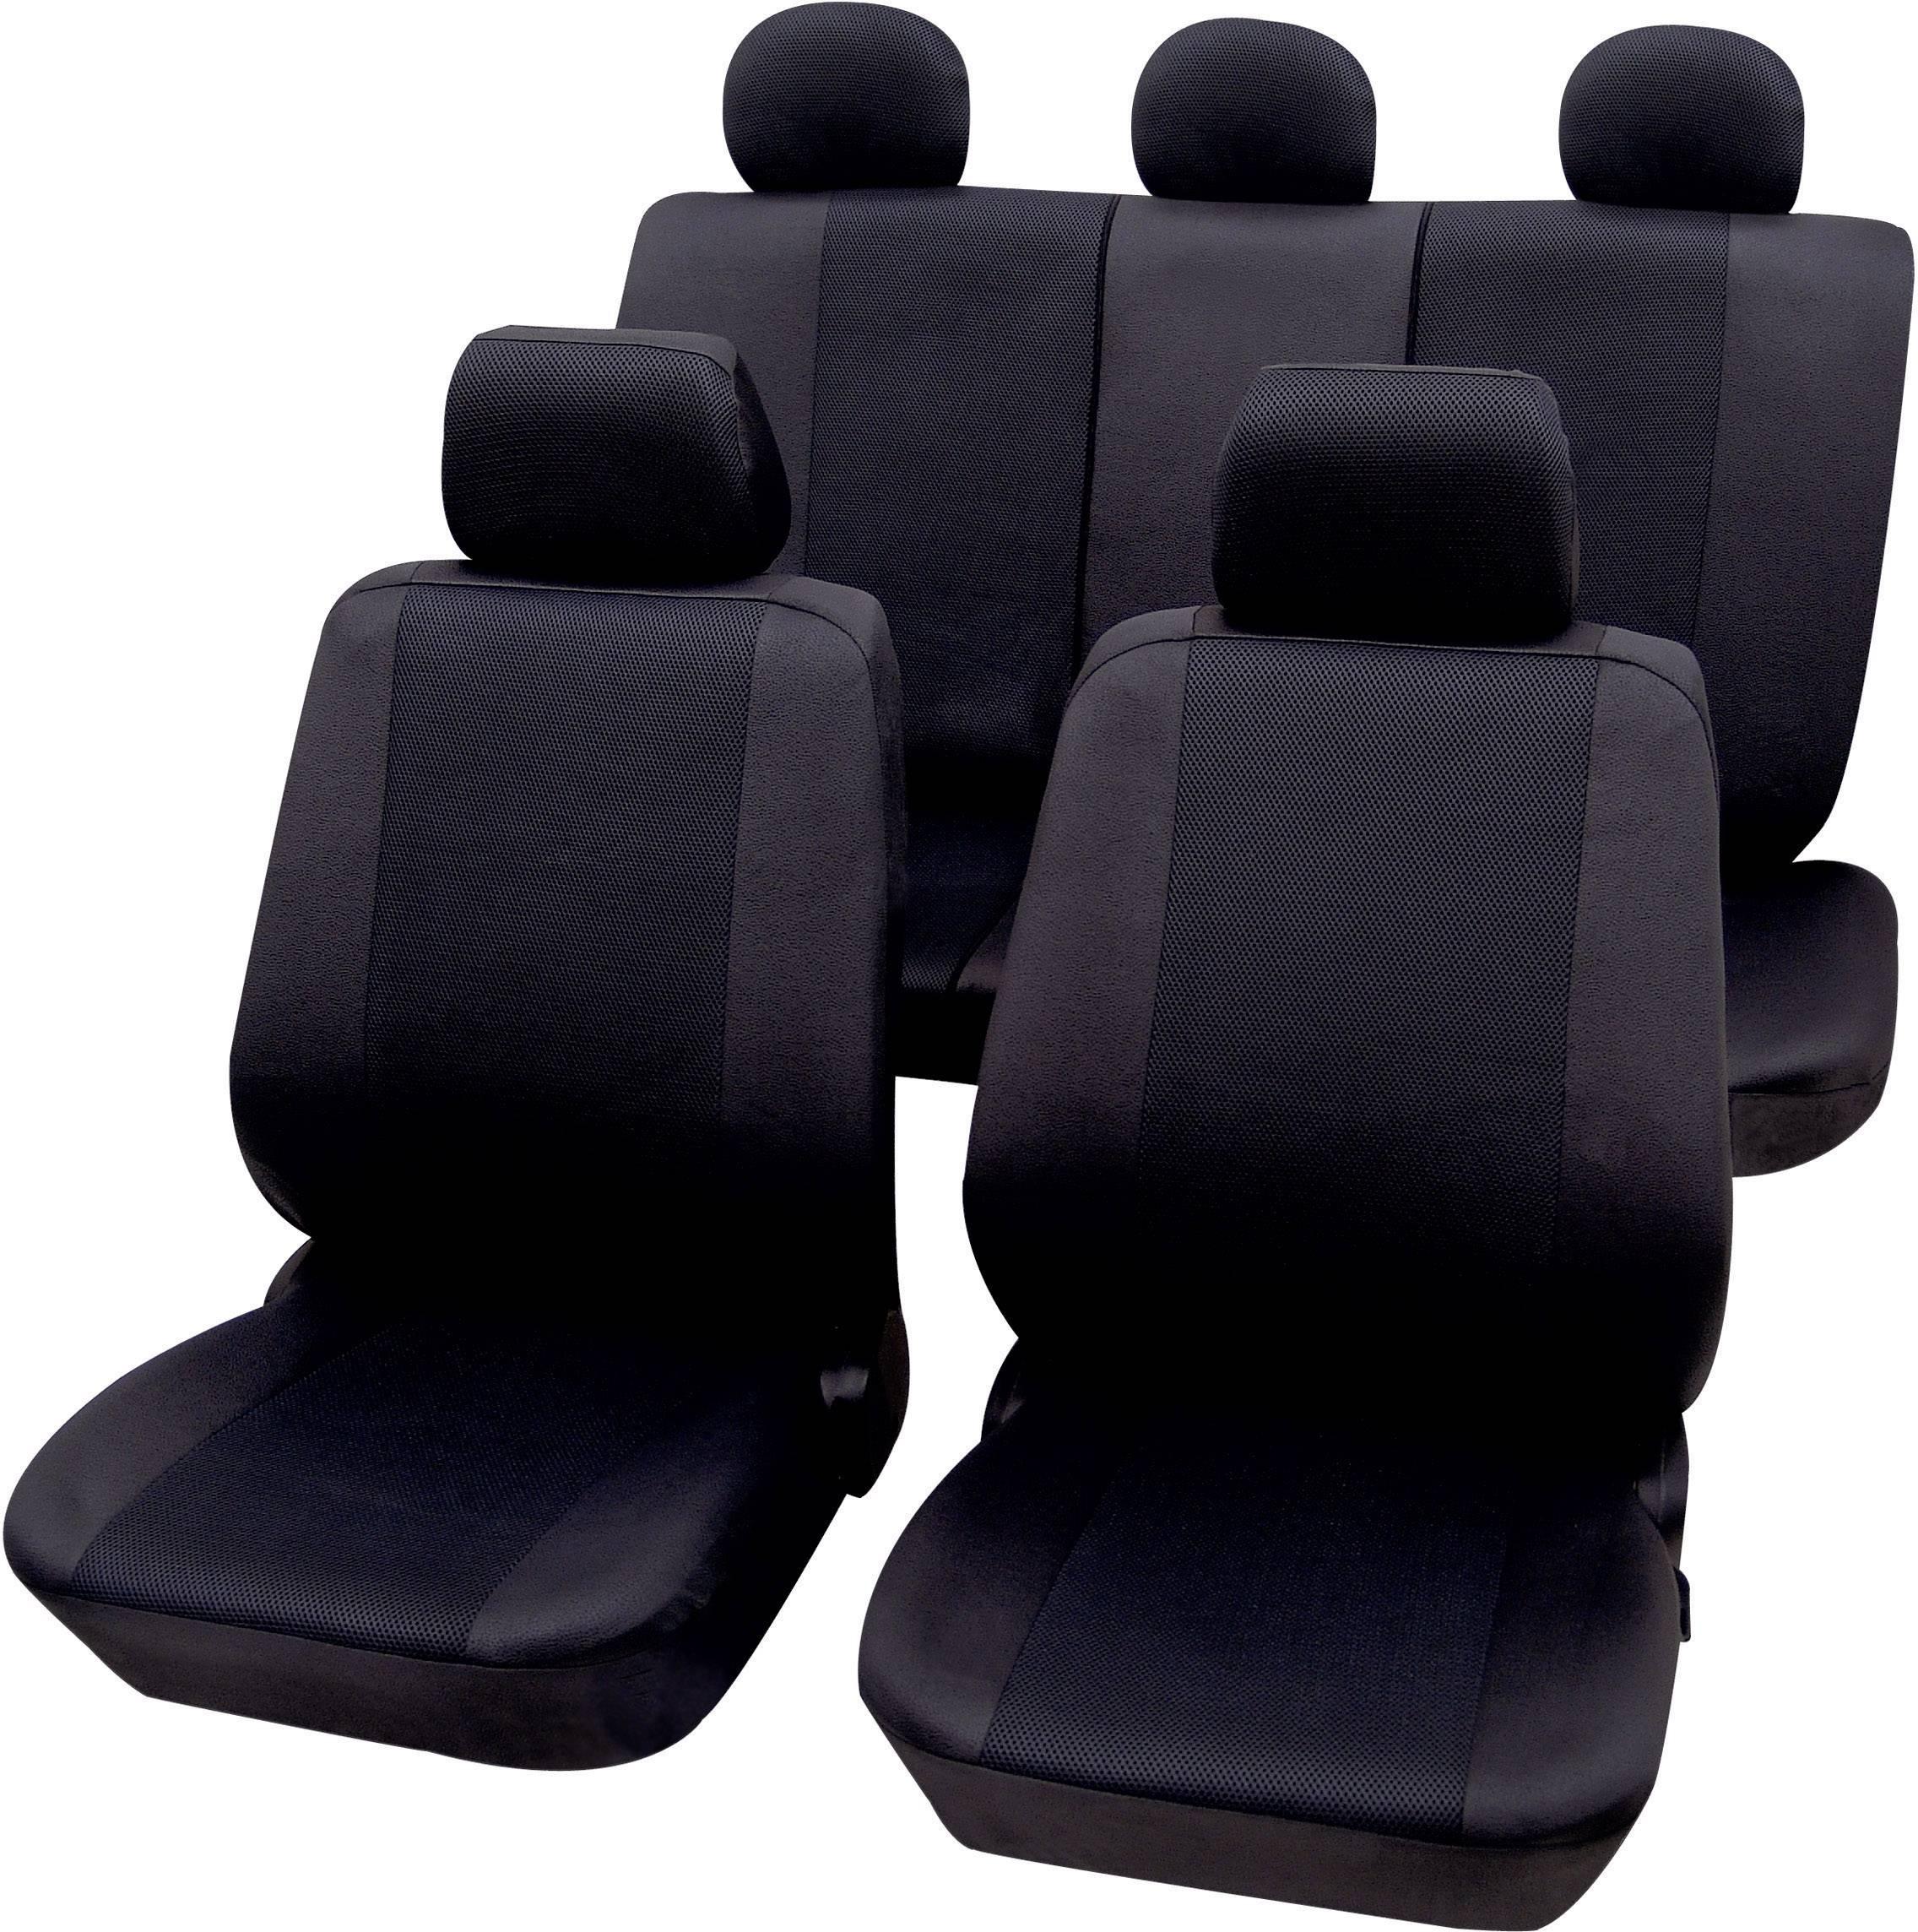 Autopotahy Petex Sydney 26174804, 11dílná, polyester, černá